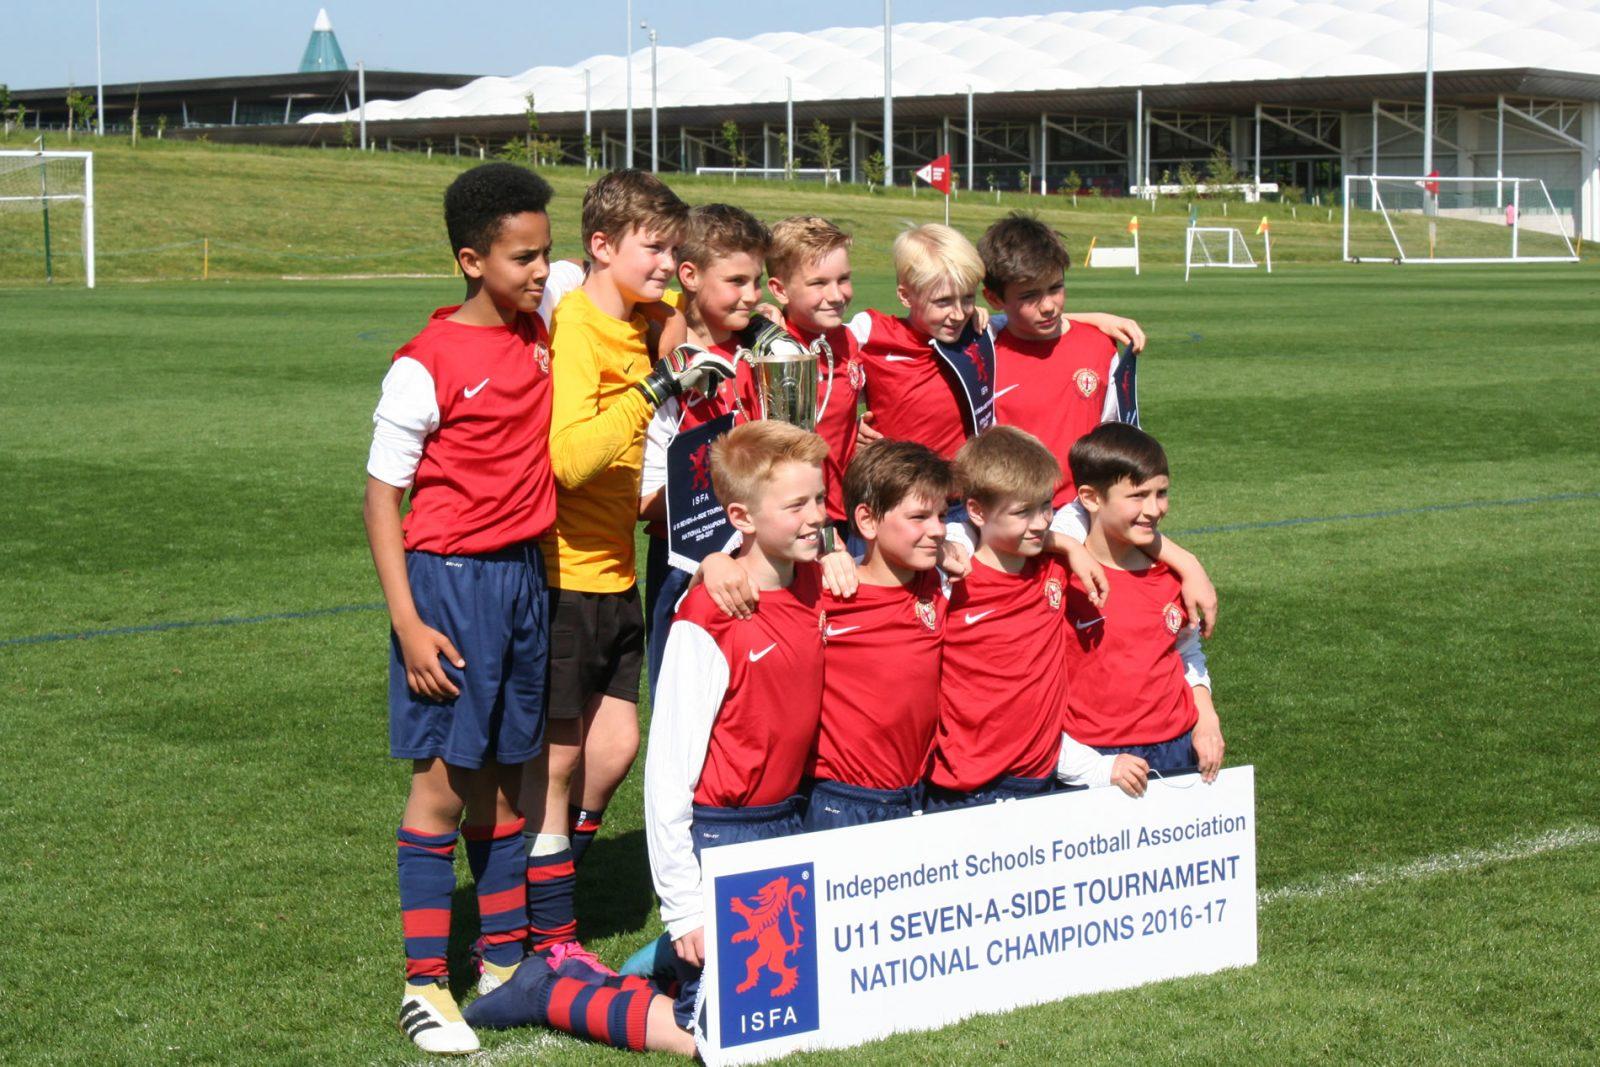 St George's School Under 11 football team